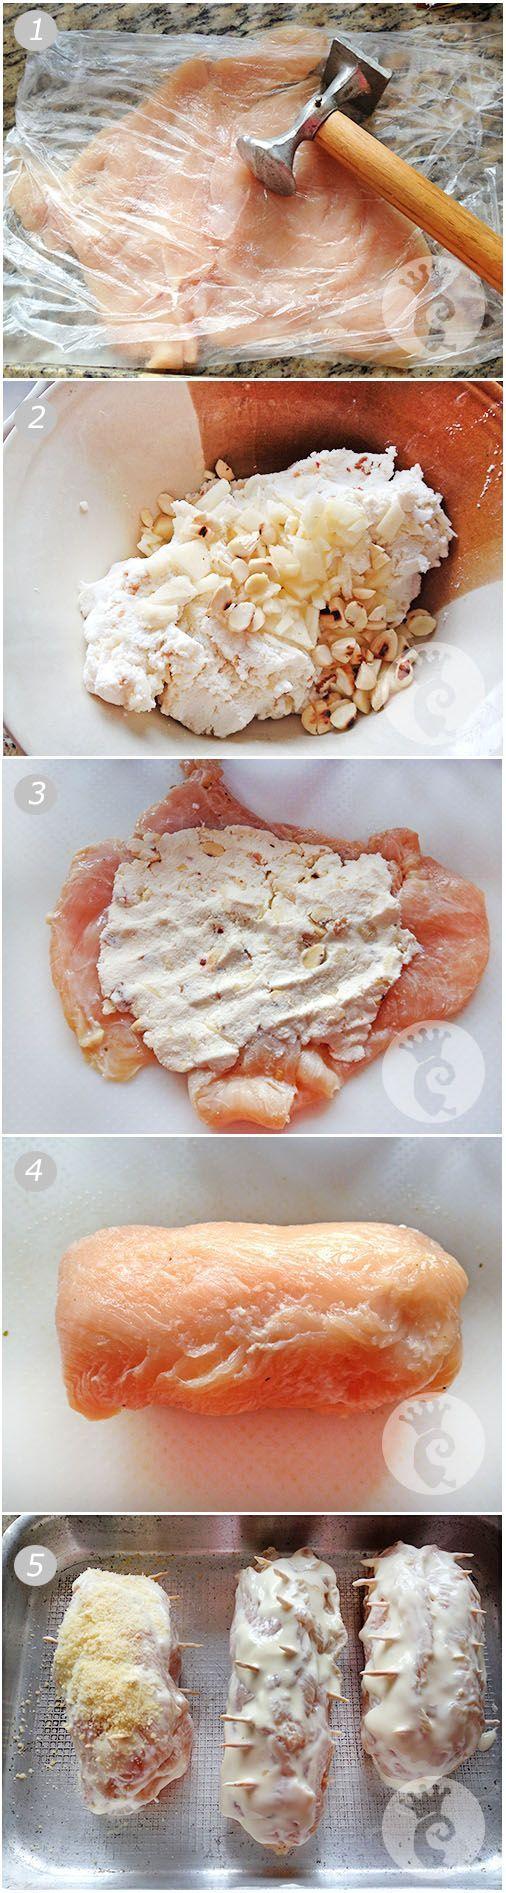 Rolê de frango com ricota, maçã e amêndoas